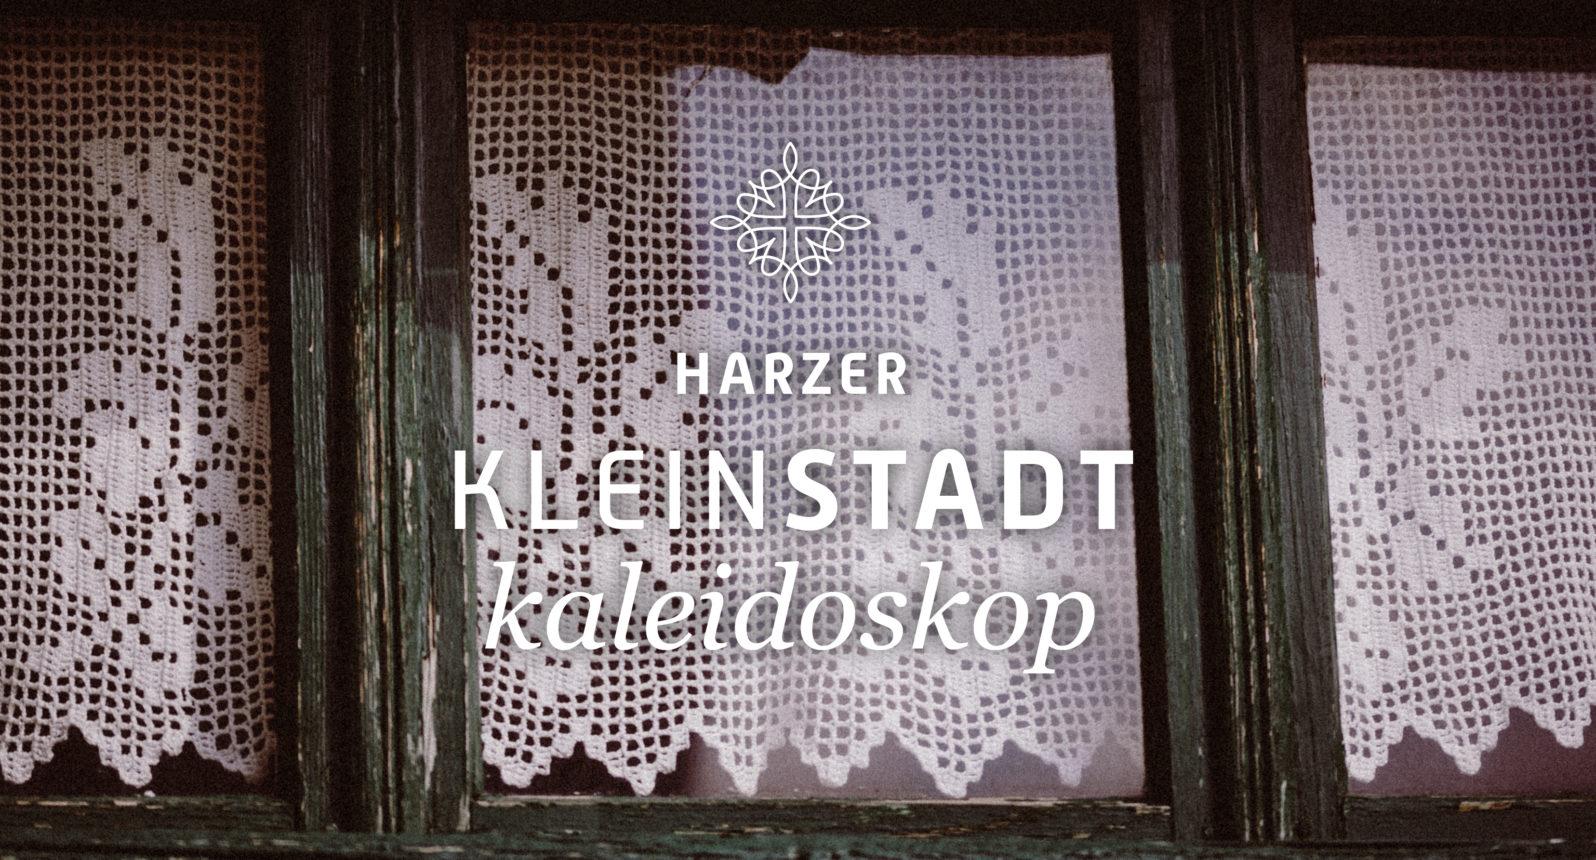 Harzer KLEINSTADTkaleidoskop